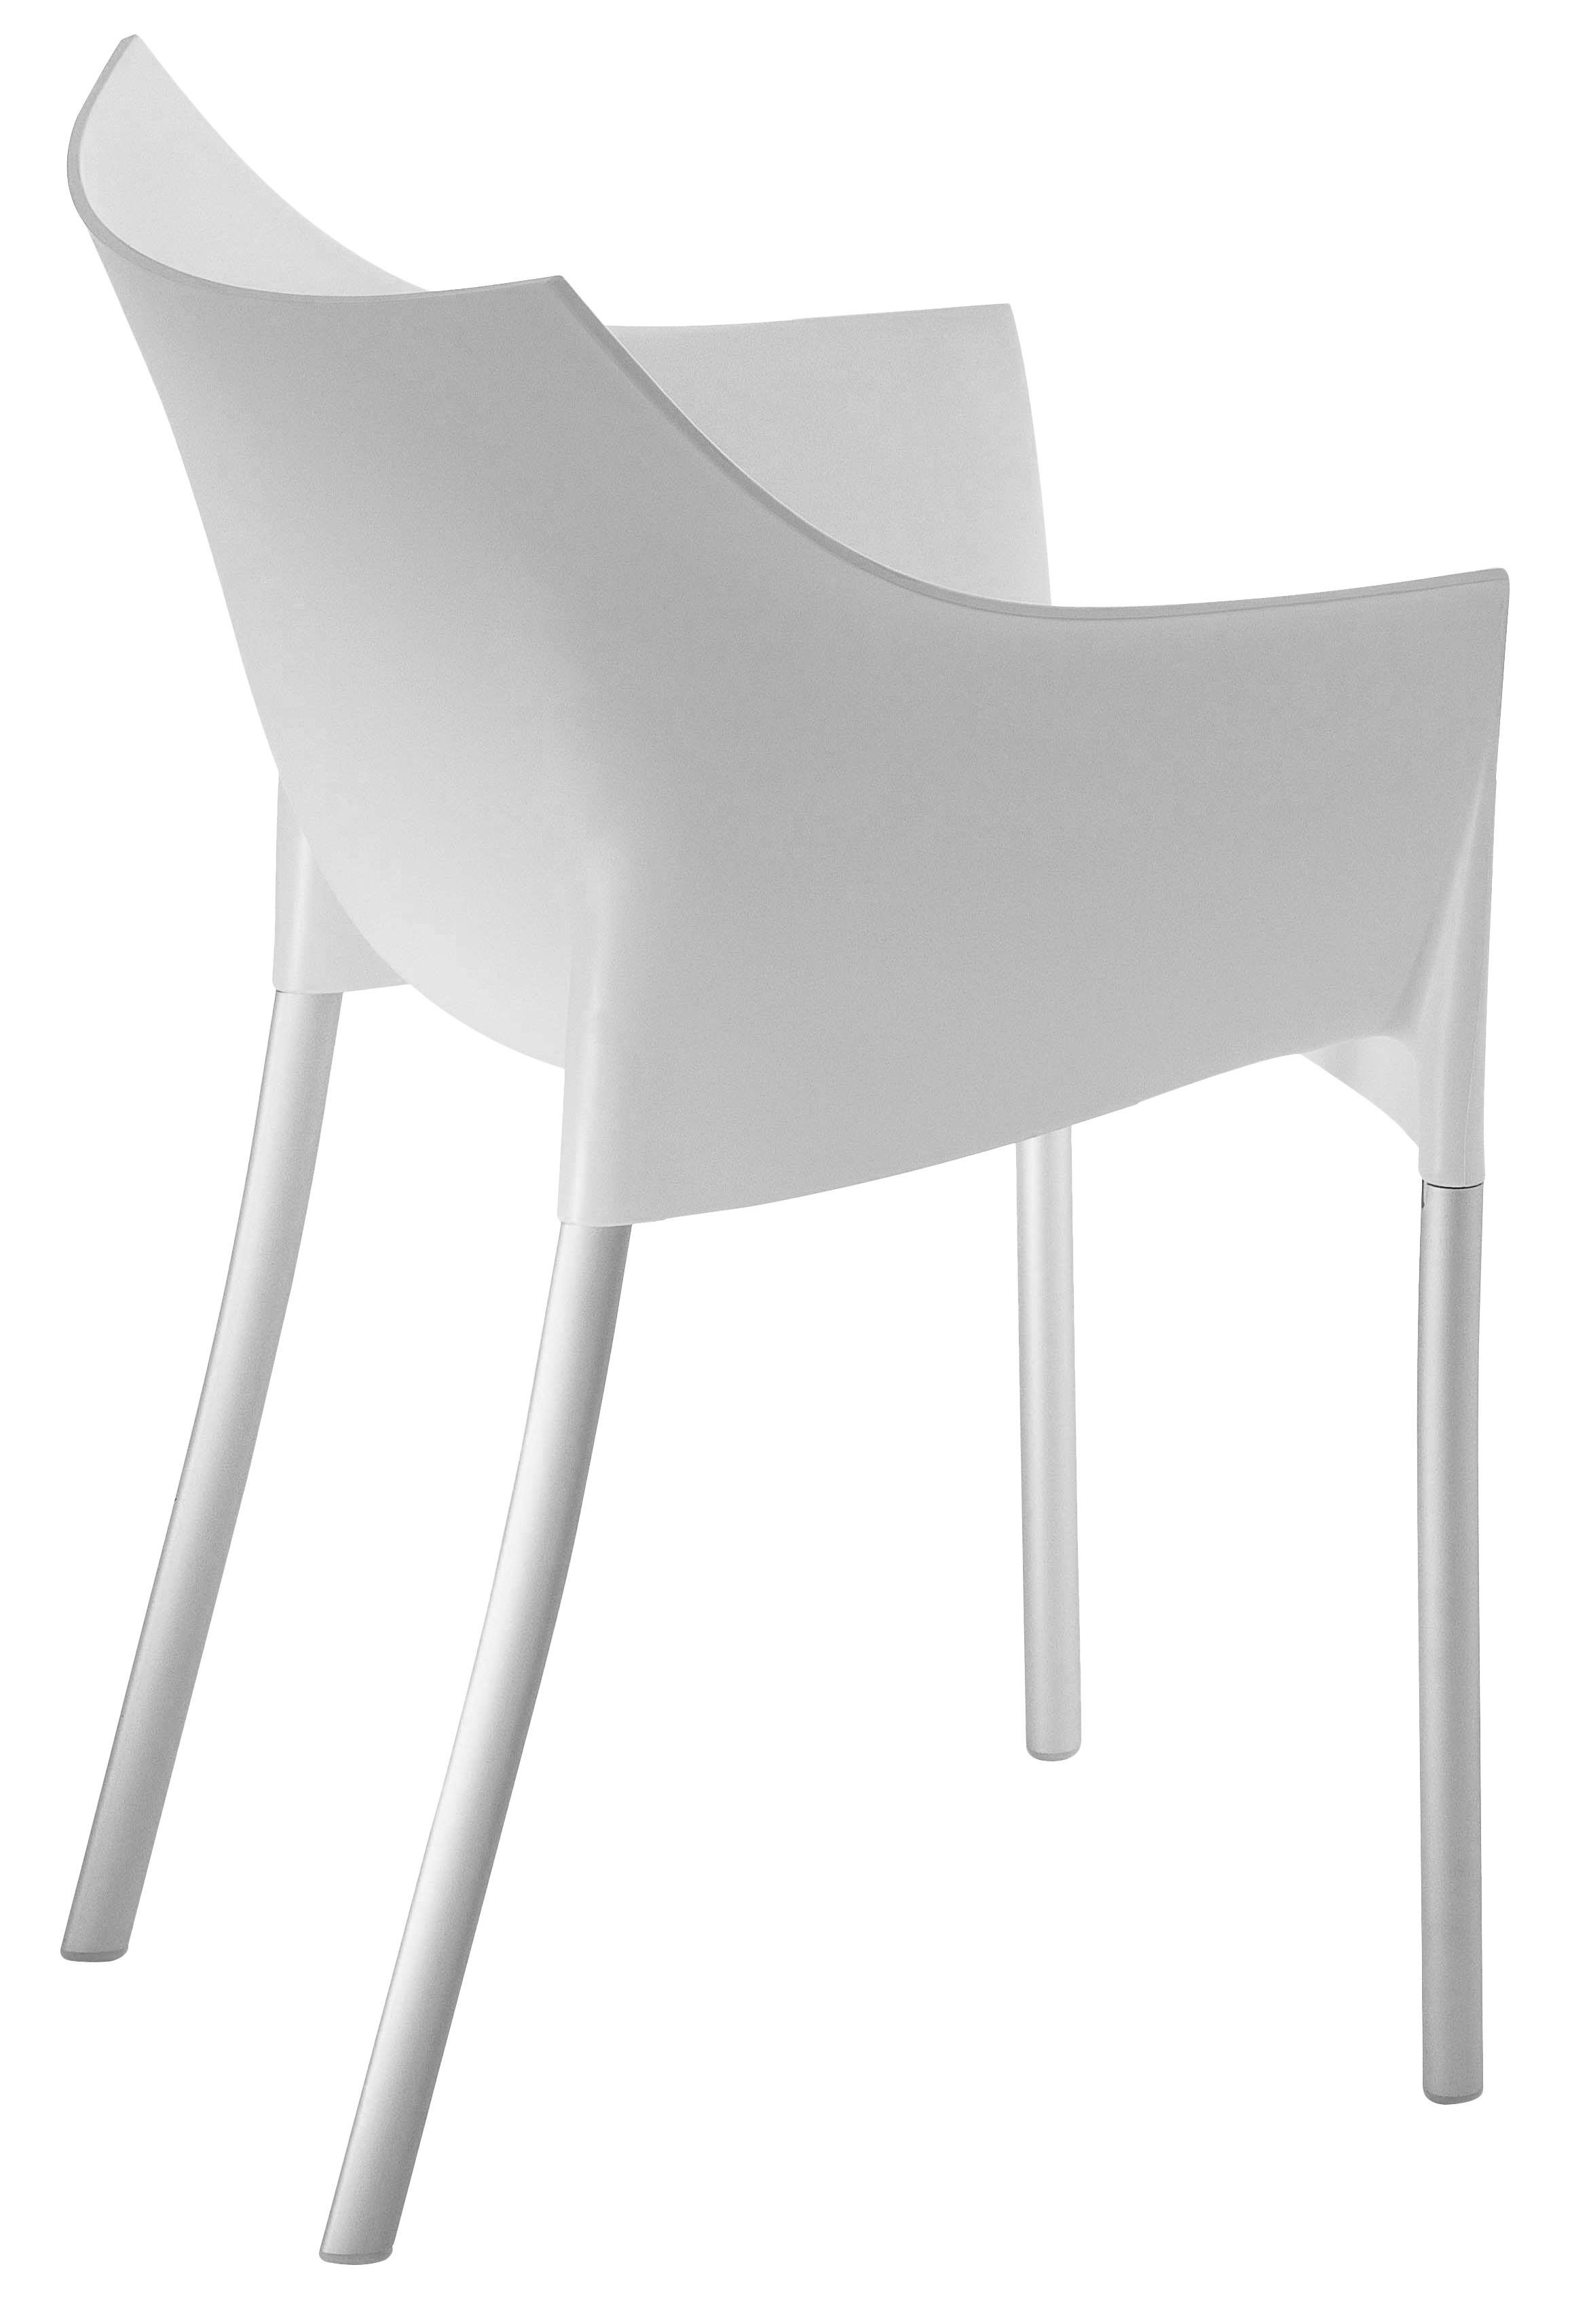 Arredamento - Sedie  - Poltrona impilabile Dr. No di Kartell - Bianco cera - Alluminio, Polipropilene